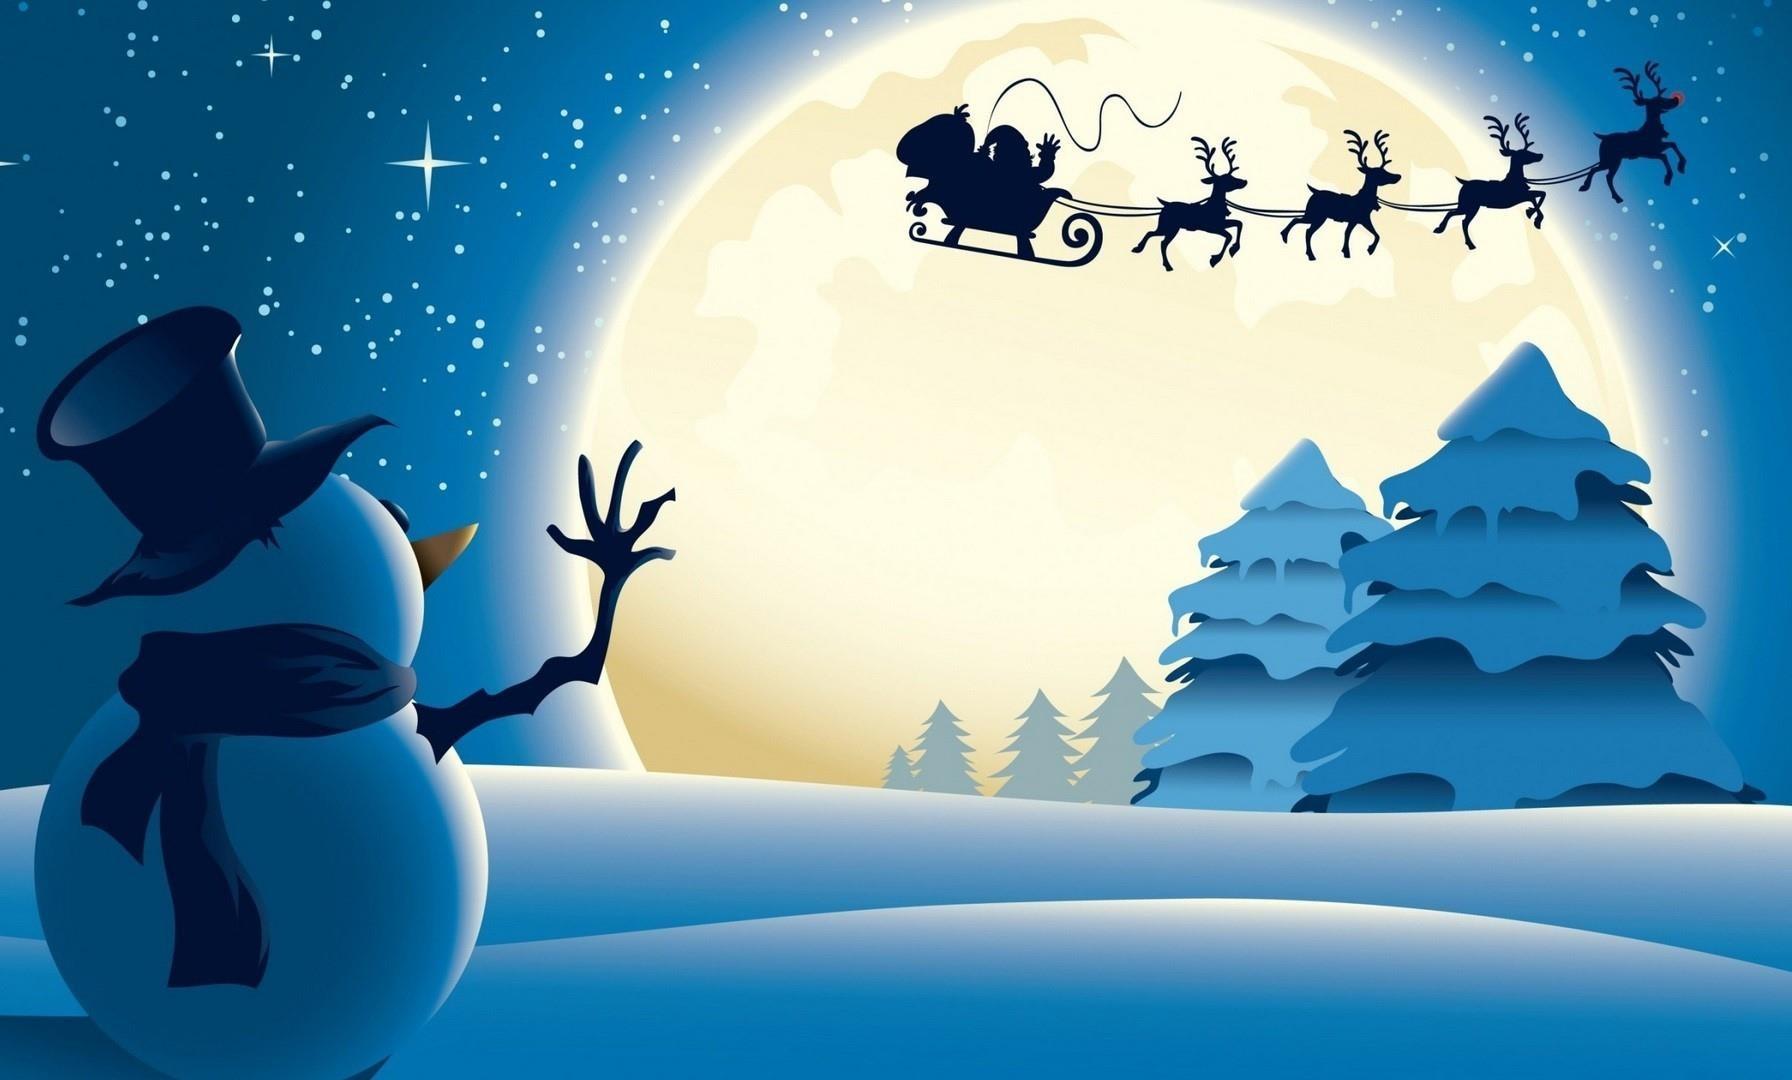 Frohe Weihnachten Und Guten Rutsch In Neues Jahr.Frohe Weihnachten Und Einen Guten Rutsch Ins Neue Jahr Ig